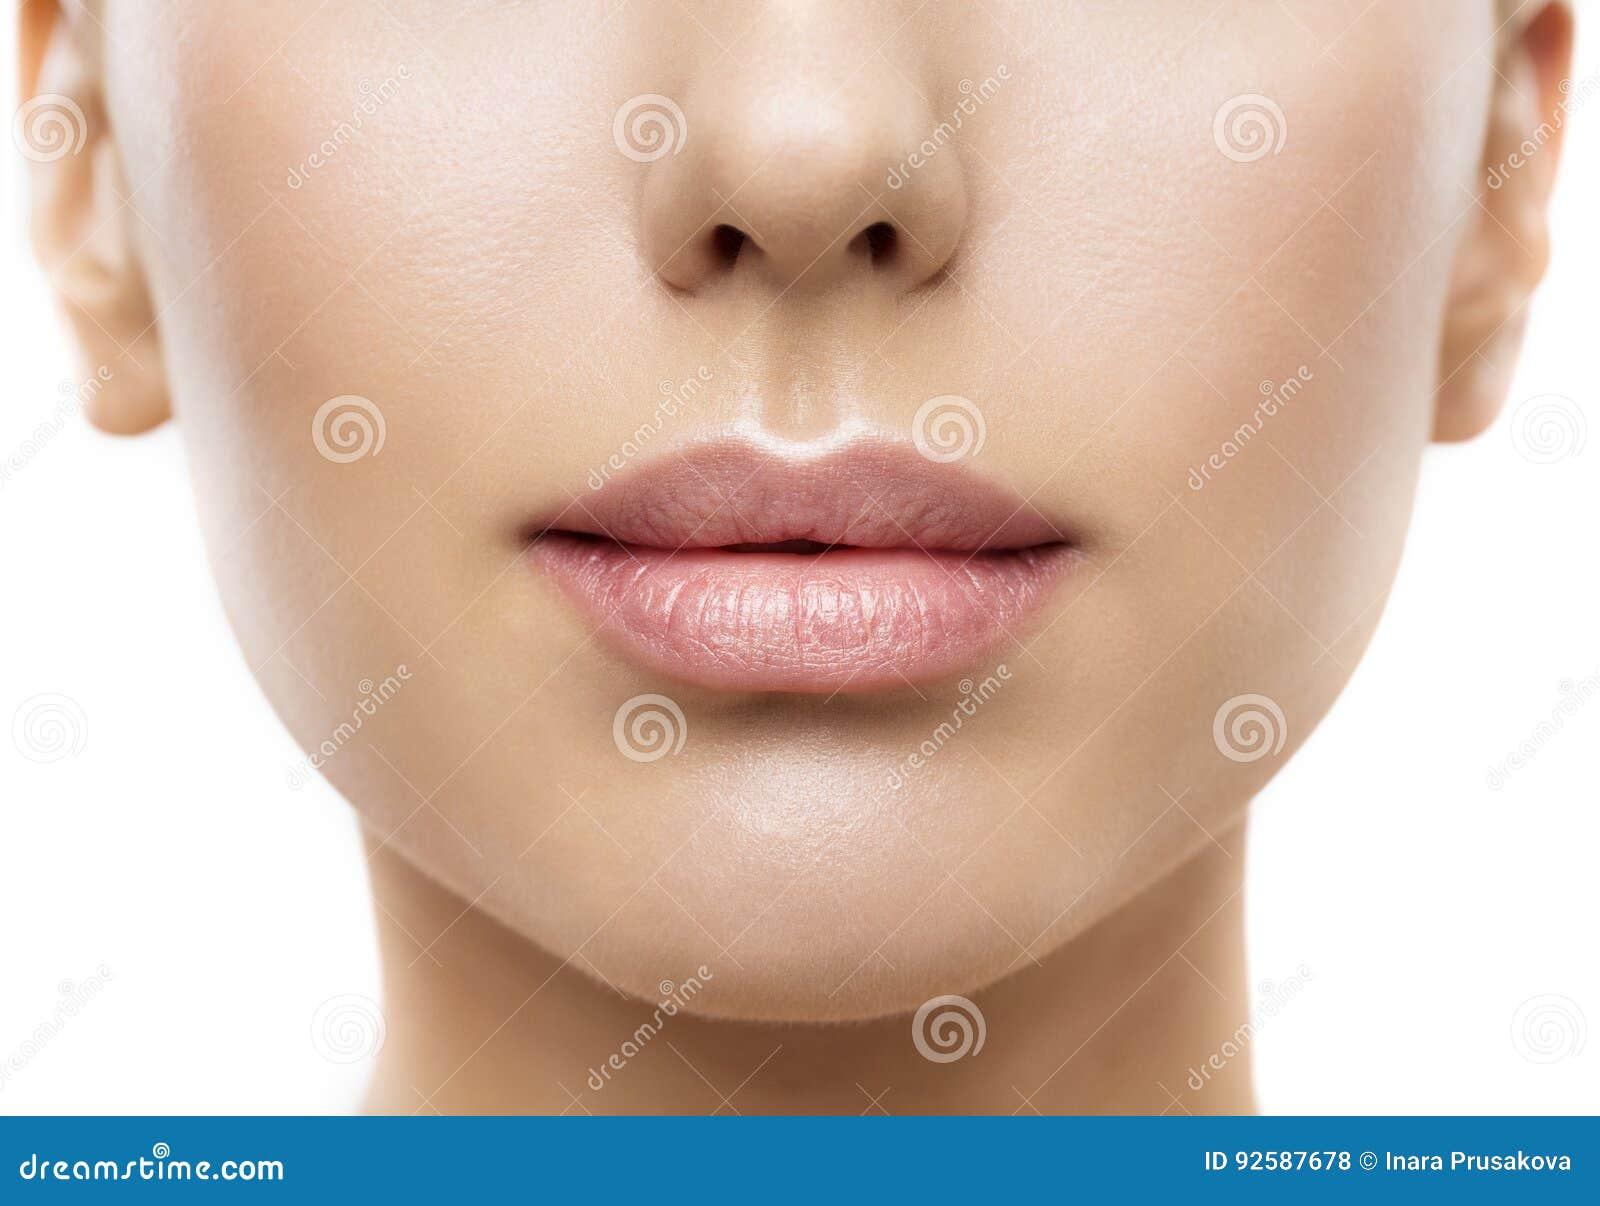 Lippen, de Mondschoonheid van het Vrouwengezicht, de Mooie Close-up van de Huid Volledige Lip